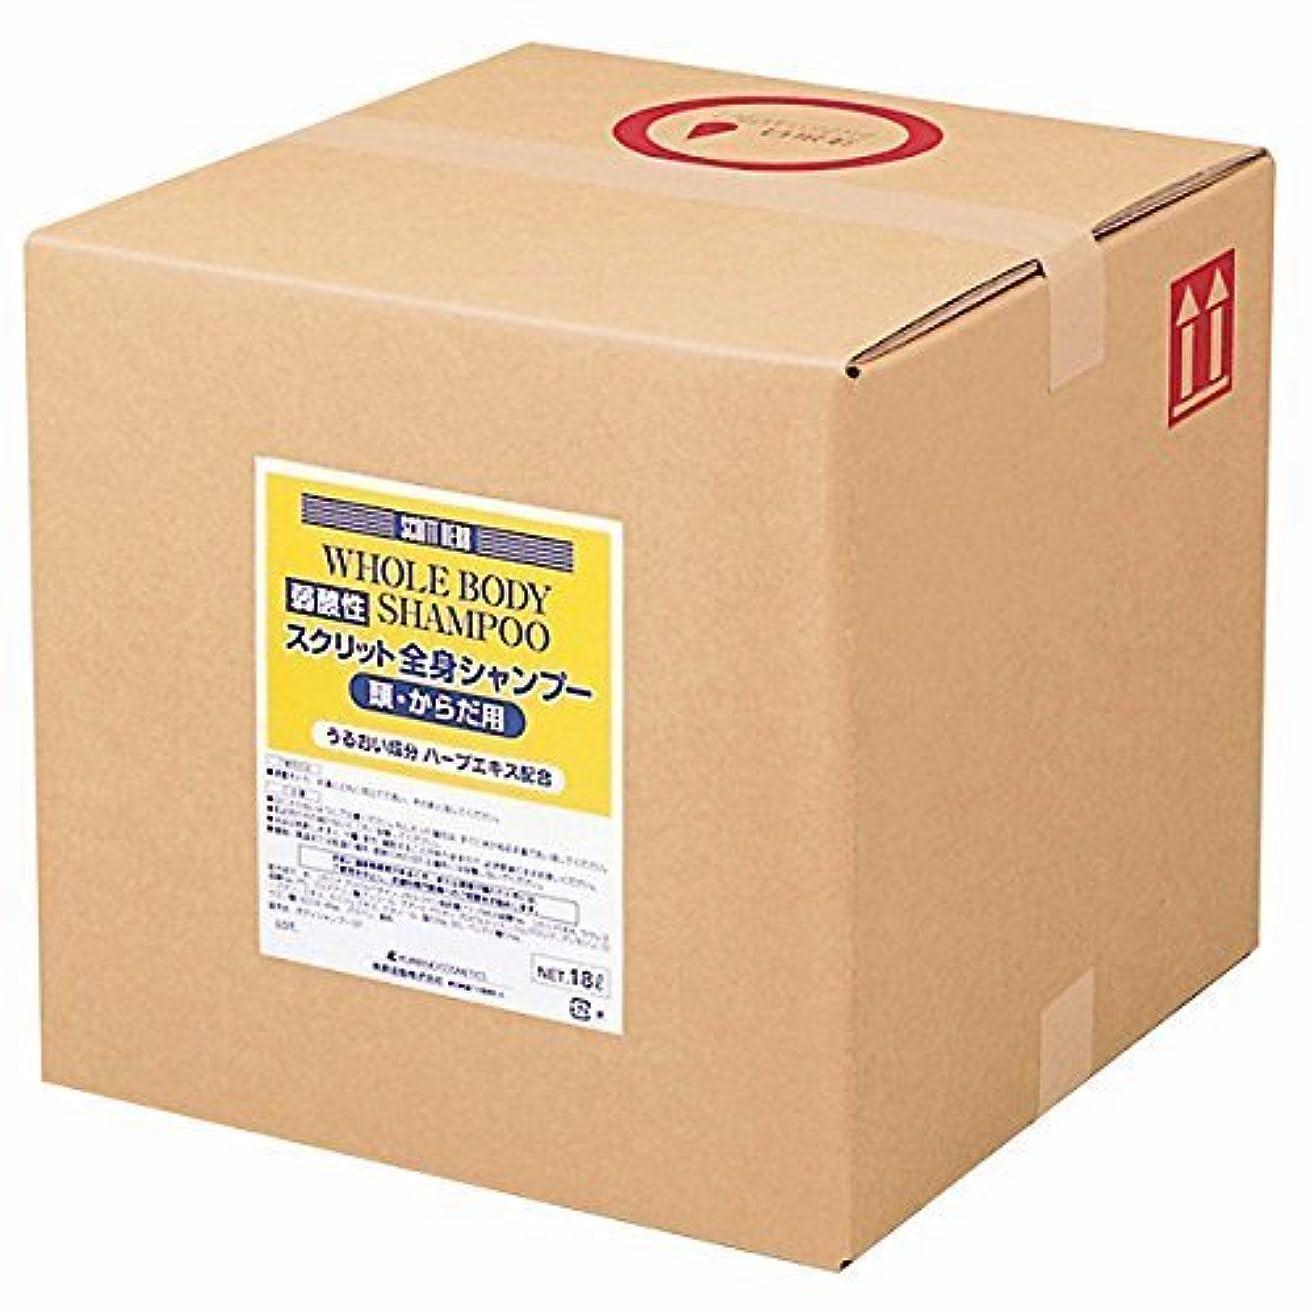 インドアパル請う業務用 SCRITT(スクリット) 全身シャンプー 18L 熊野油脂 (コック付き)